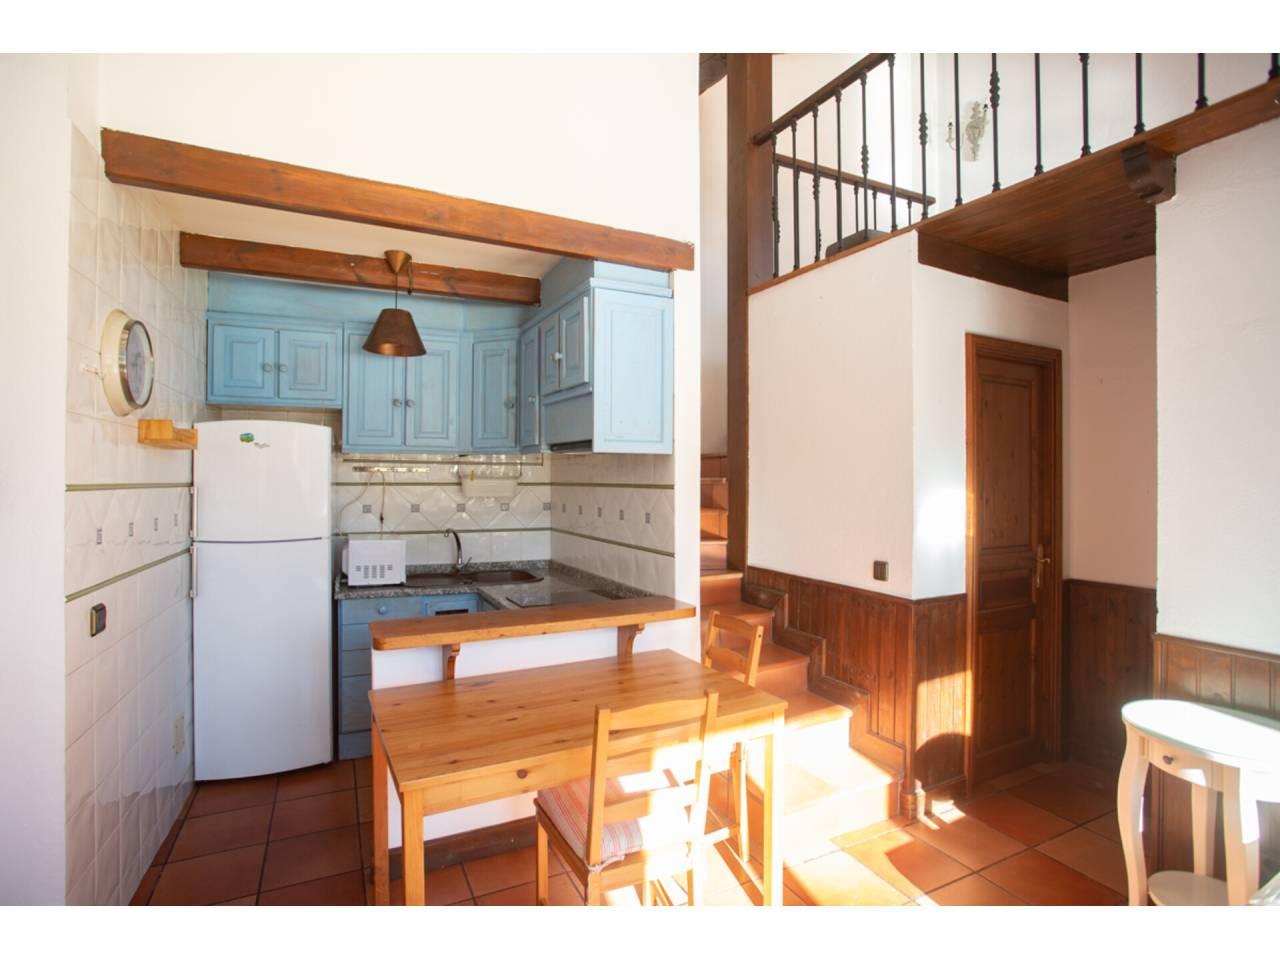 Casa rustica en lloguer en Sant Julià de Lòria